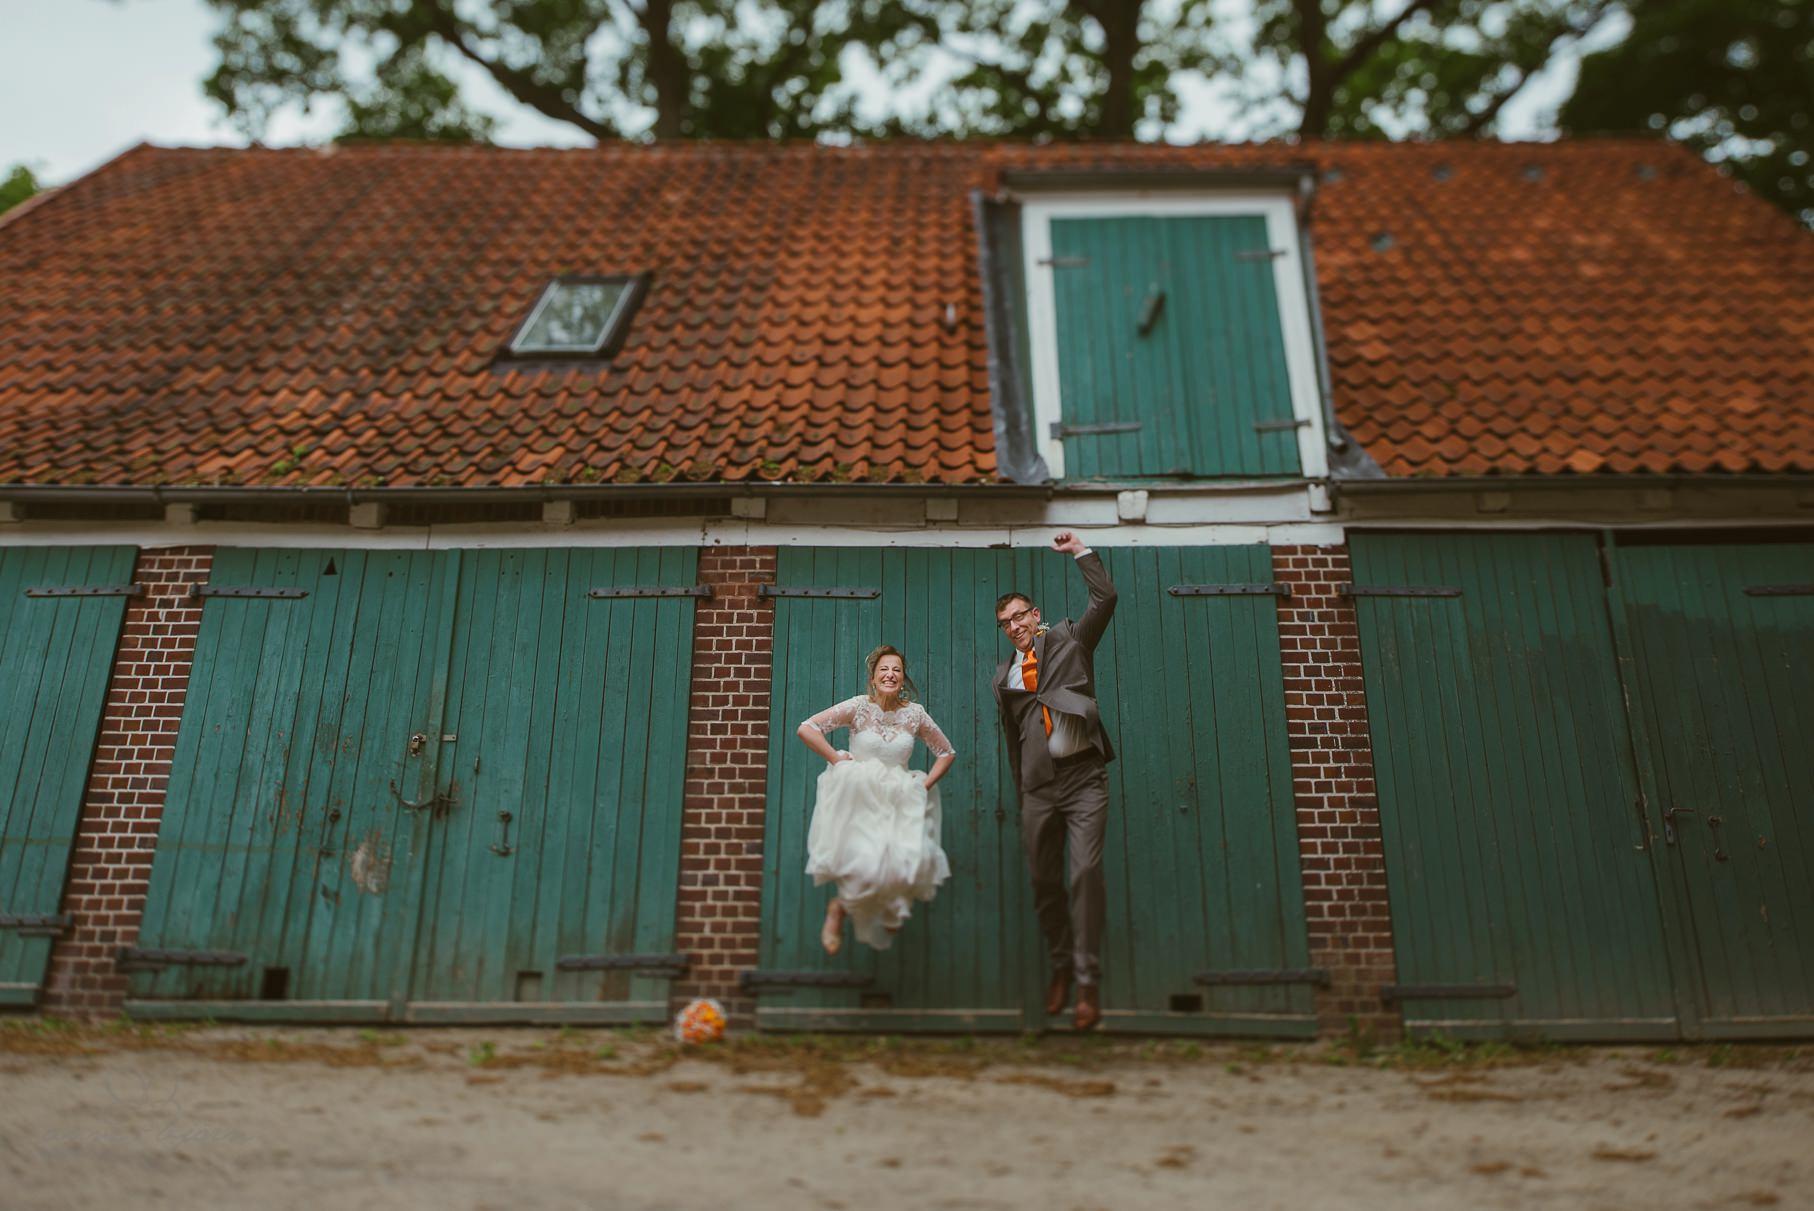 0079 anne und bjoern Manu und Sven D75 0027 1 - DIY Hochzeit im Erdhaus auf dem alten Land - Manuela & Sven